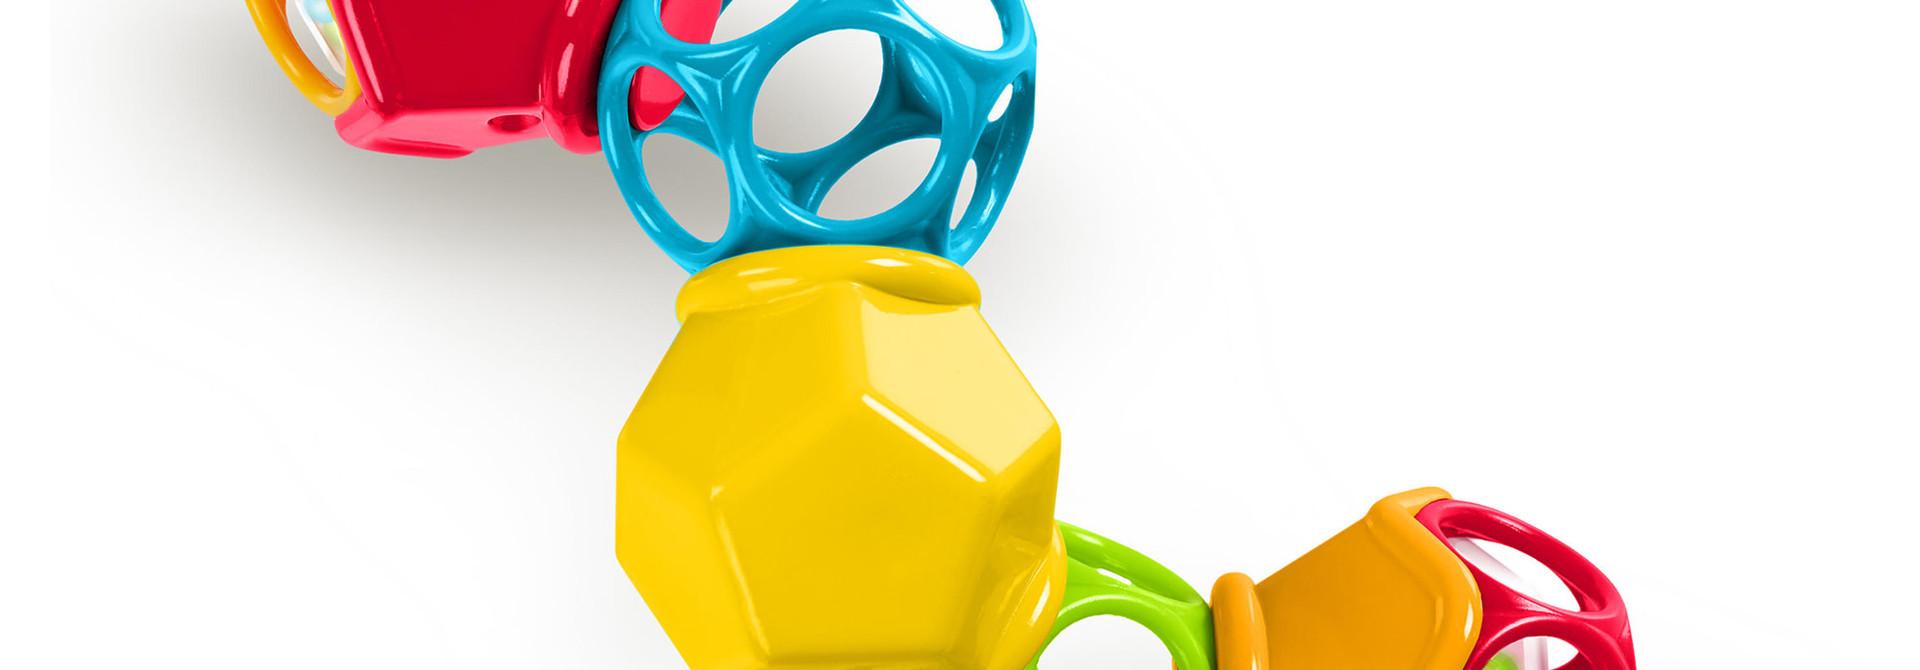 Hochet O Ball Clicky Twister